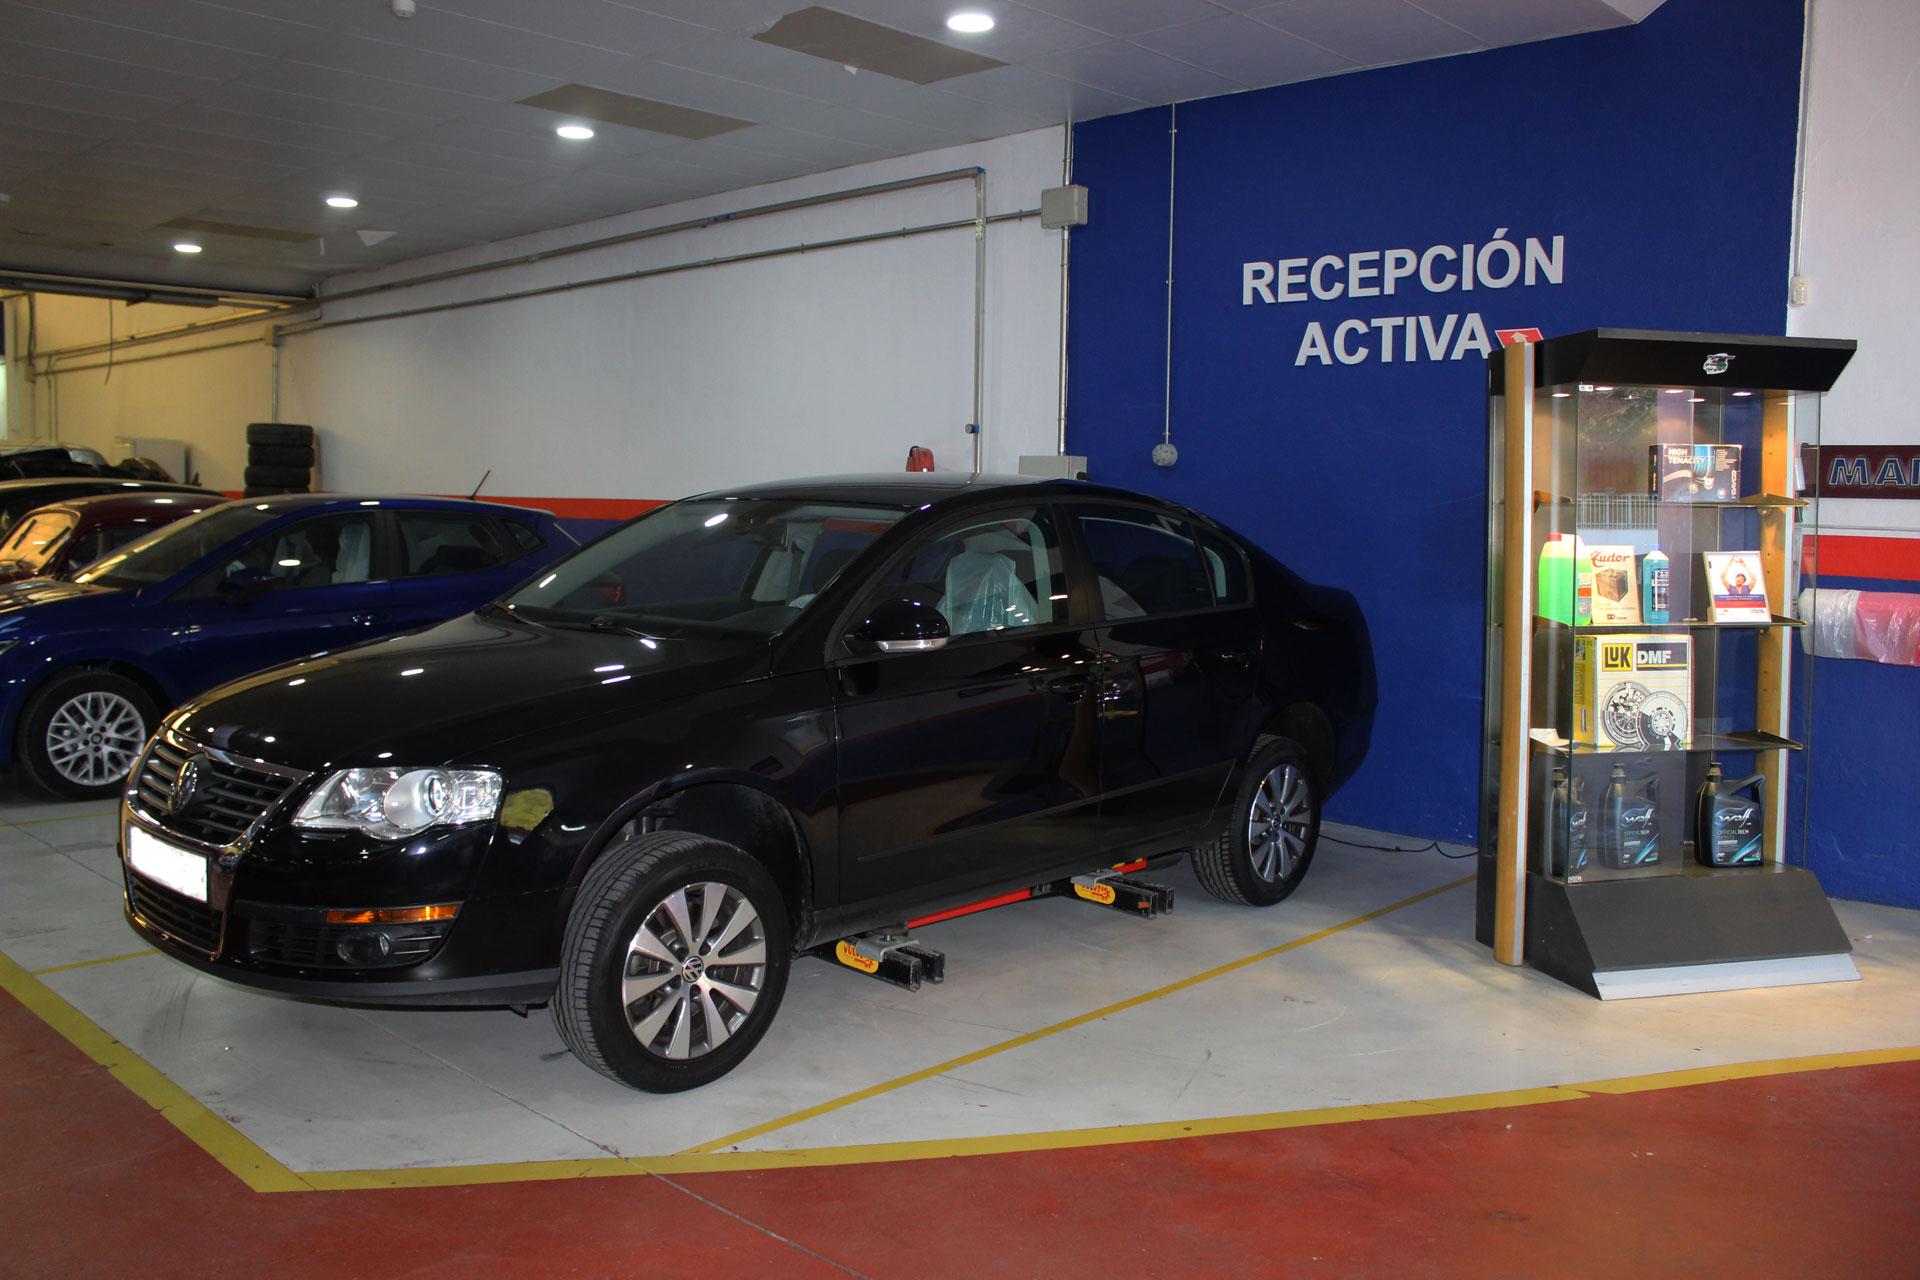 Recepción activa vehículos